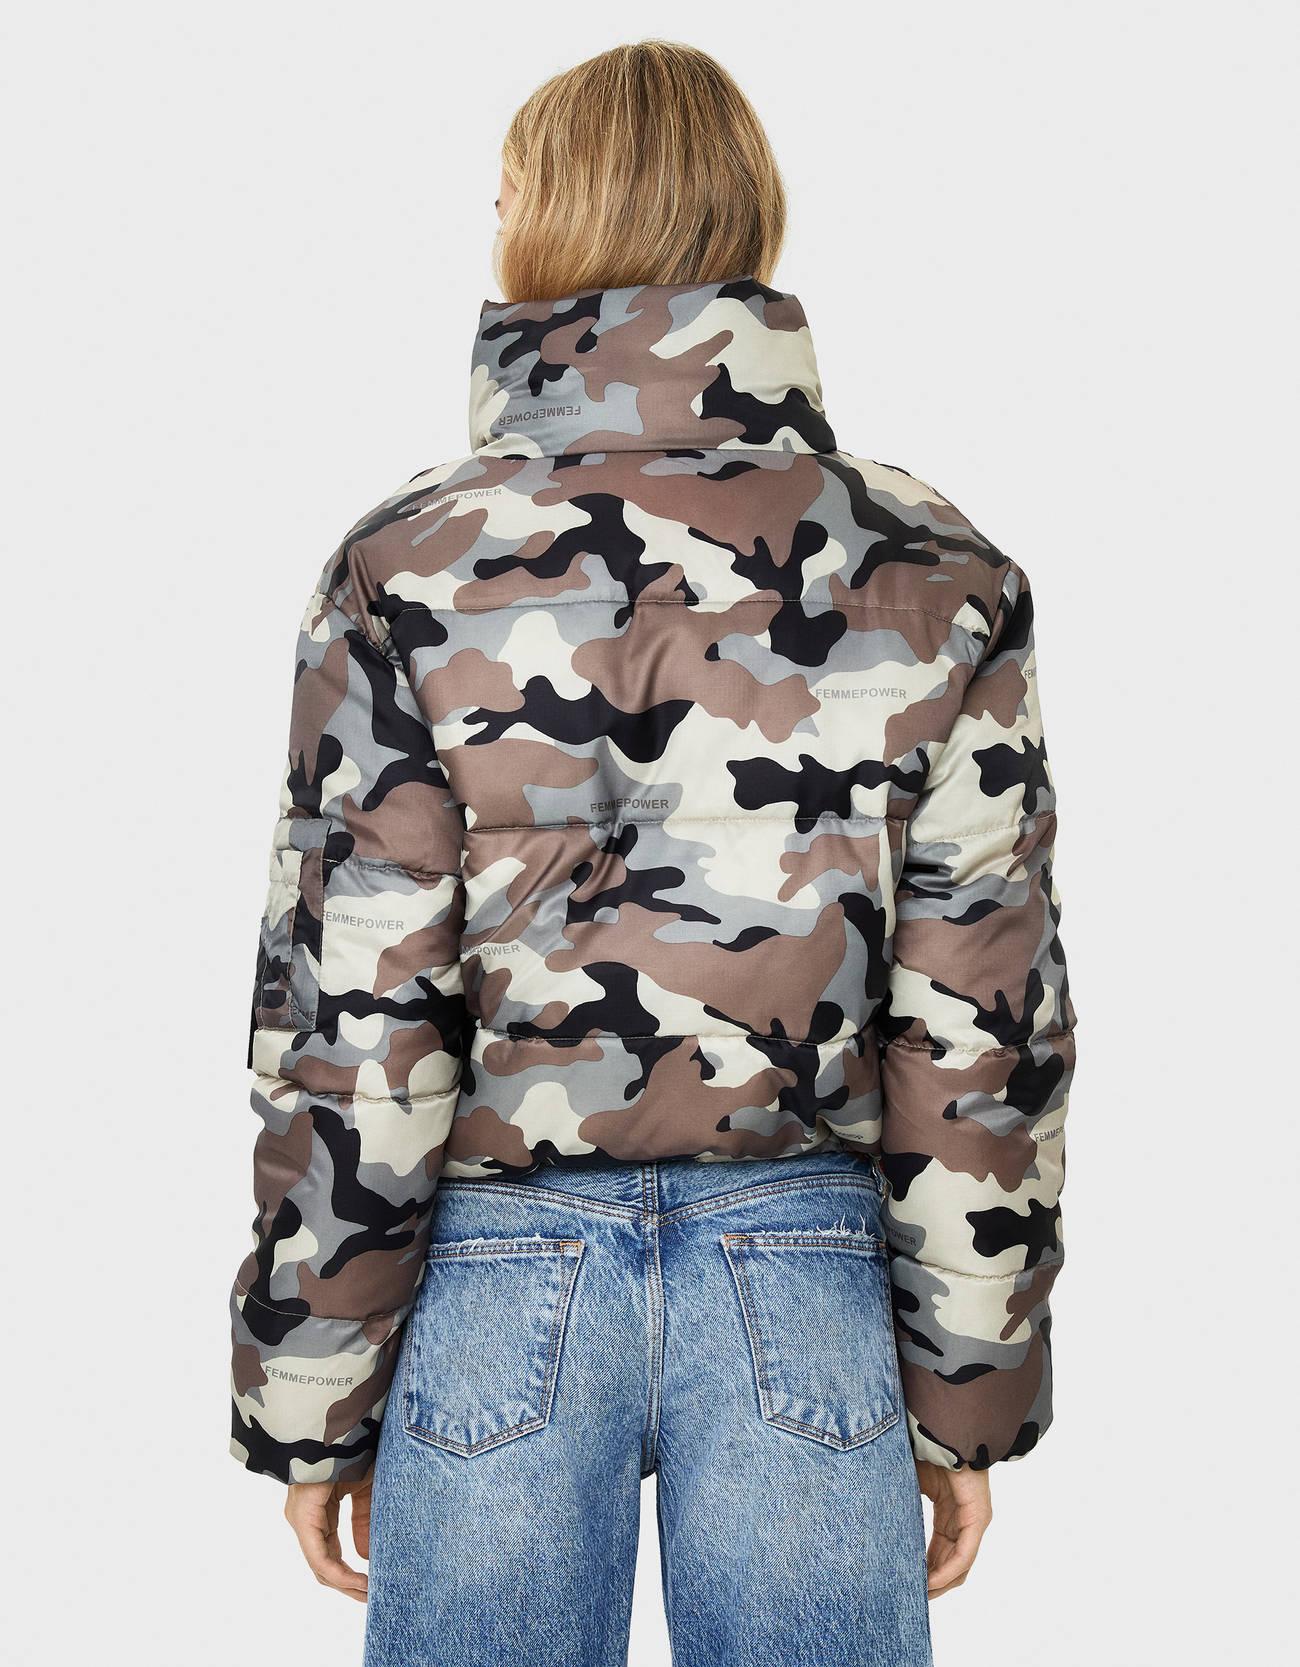 Стеганая куртка с камуфляжным принтом БЕЖЕВЫЙ Bershka